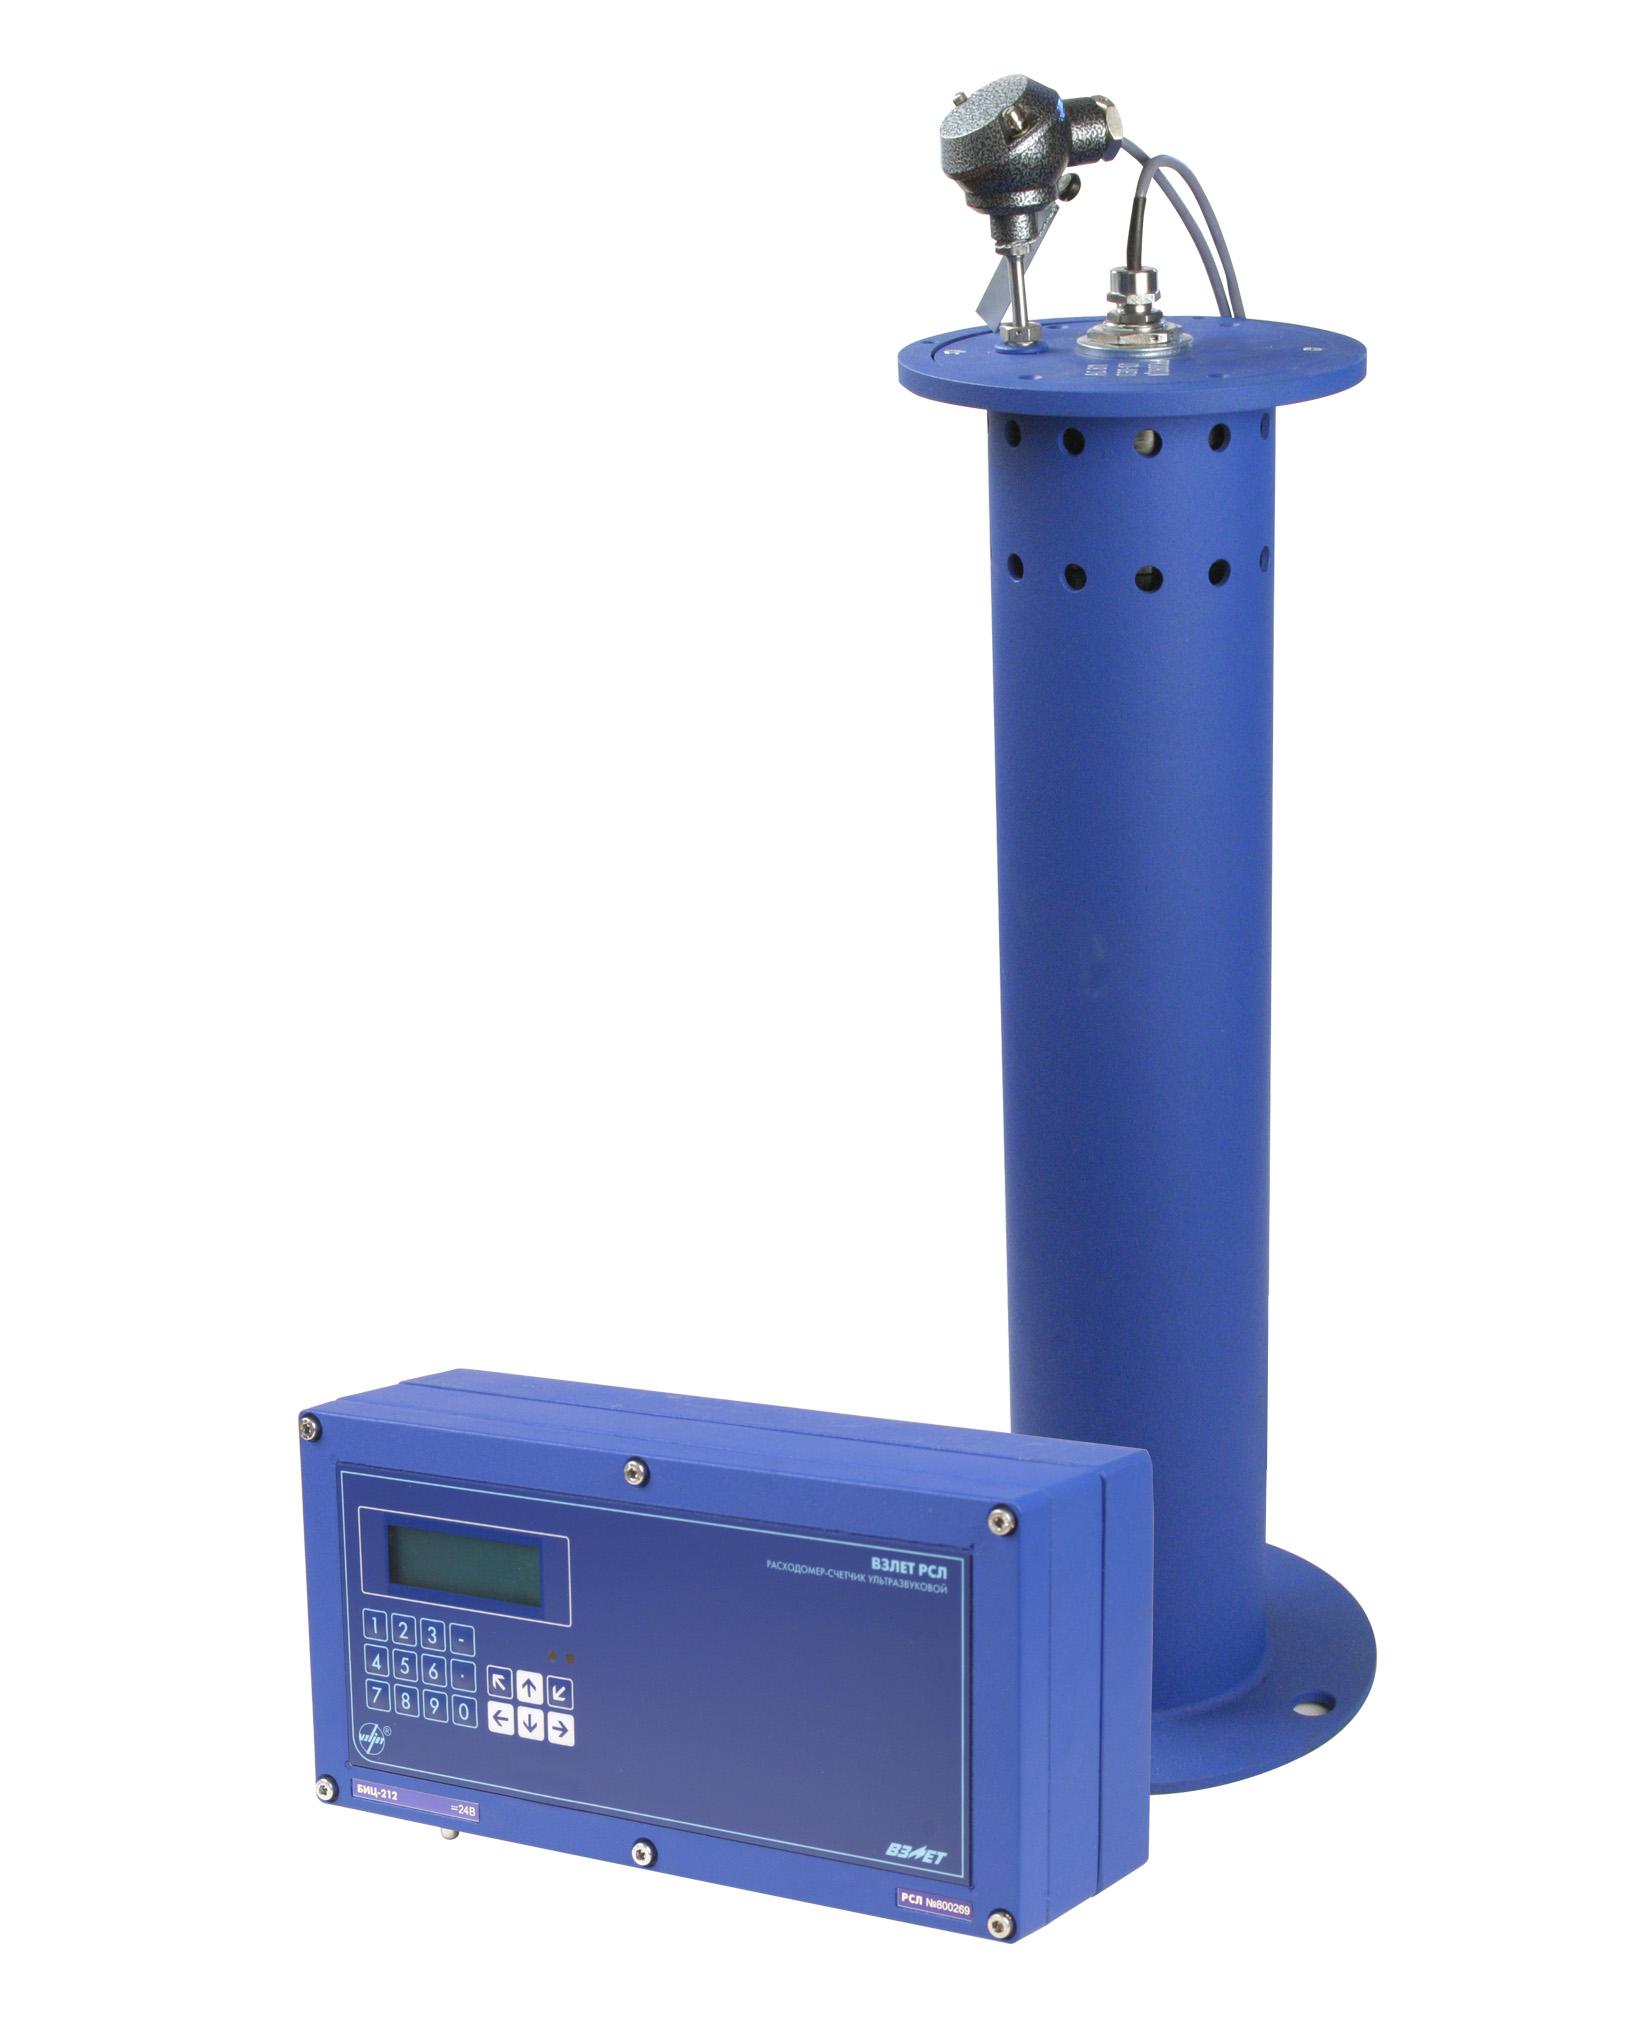 Расходомер-счетчик ультразвуковой для безнапорных трубопроводов и открытых каналов ВЗЛЕТ РСЛ (РСЛ-212, -222) фото